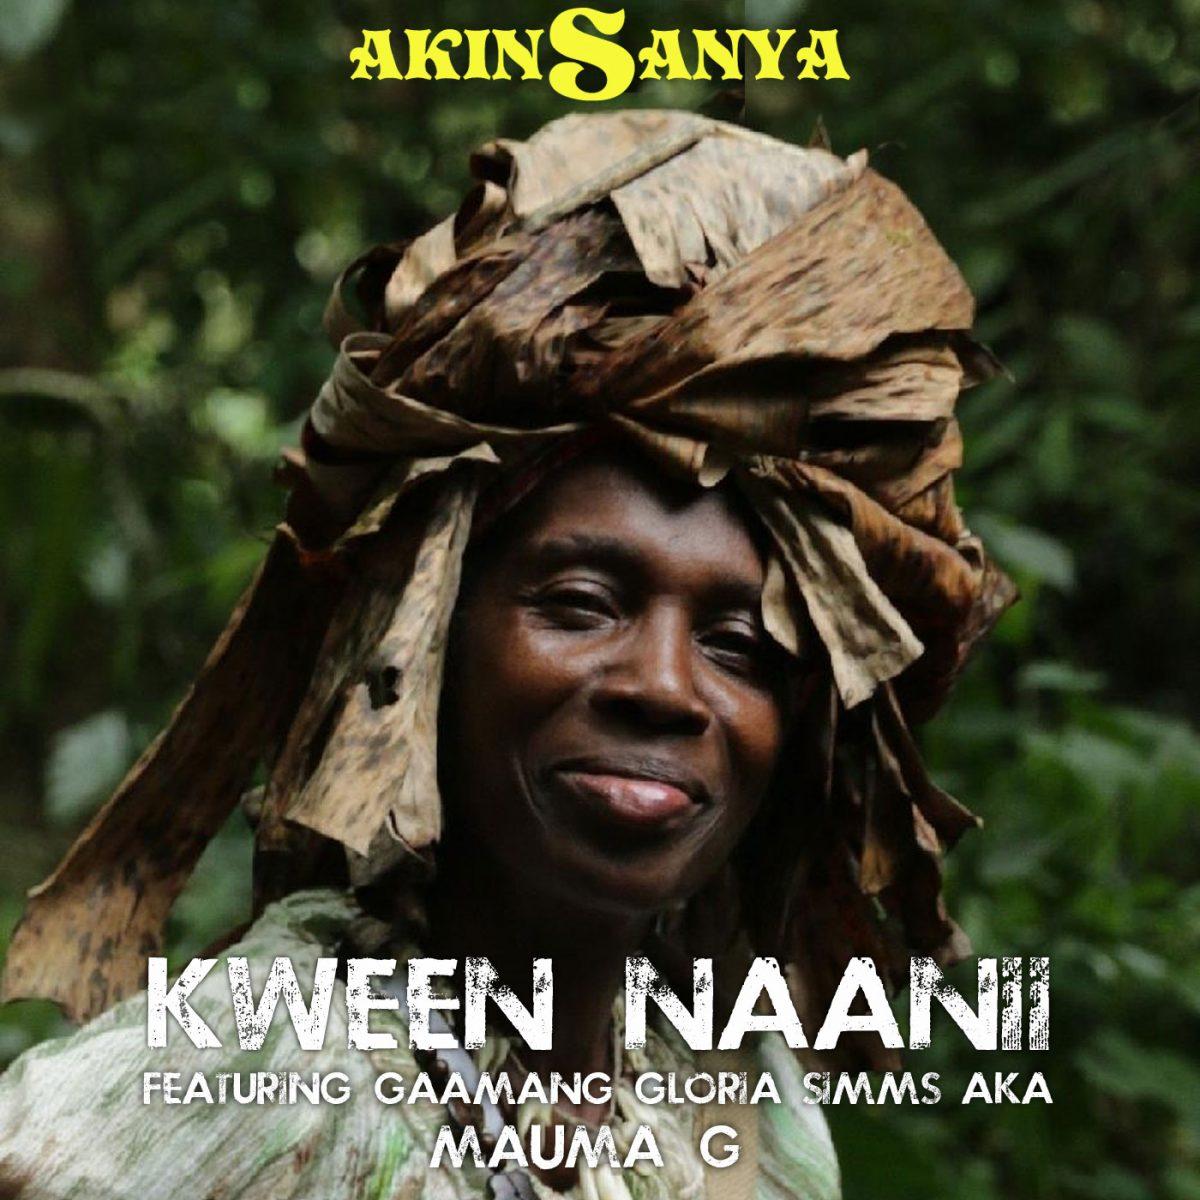 Akinsanya - Kween Naanii (feat. Mauma G) (Digital)